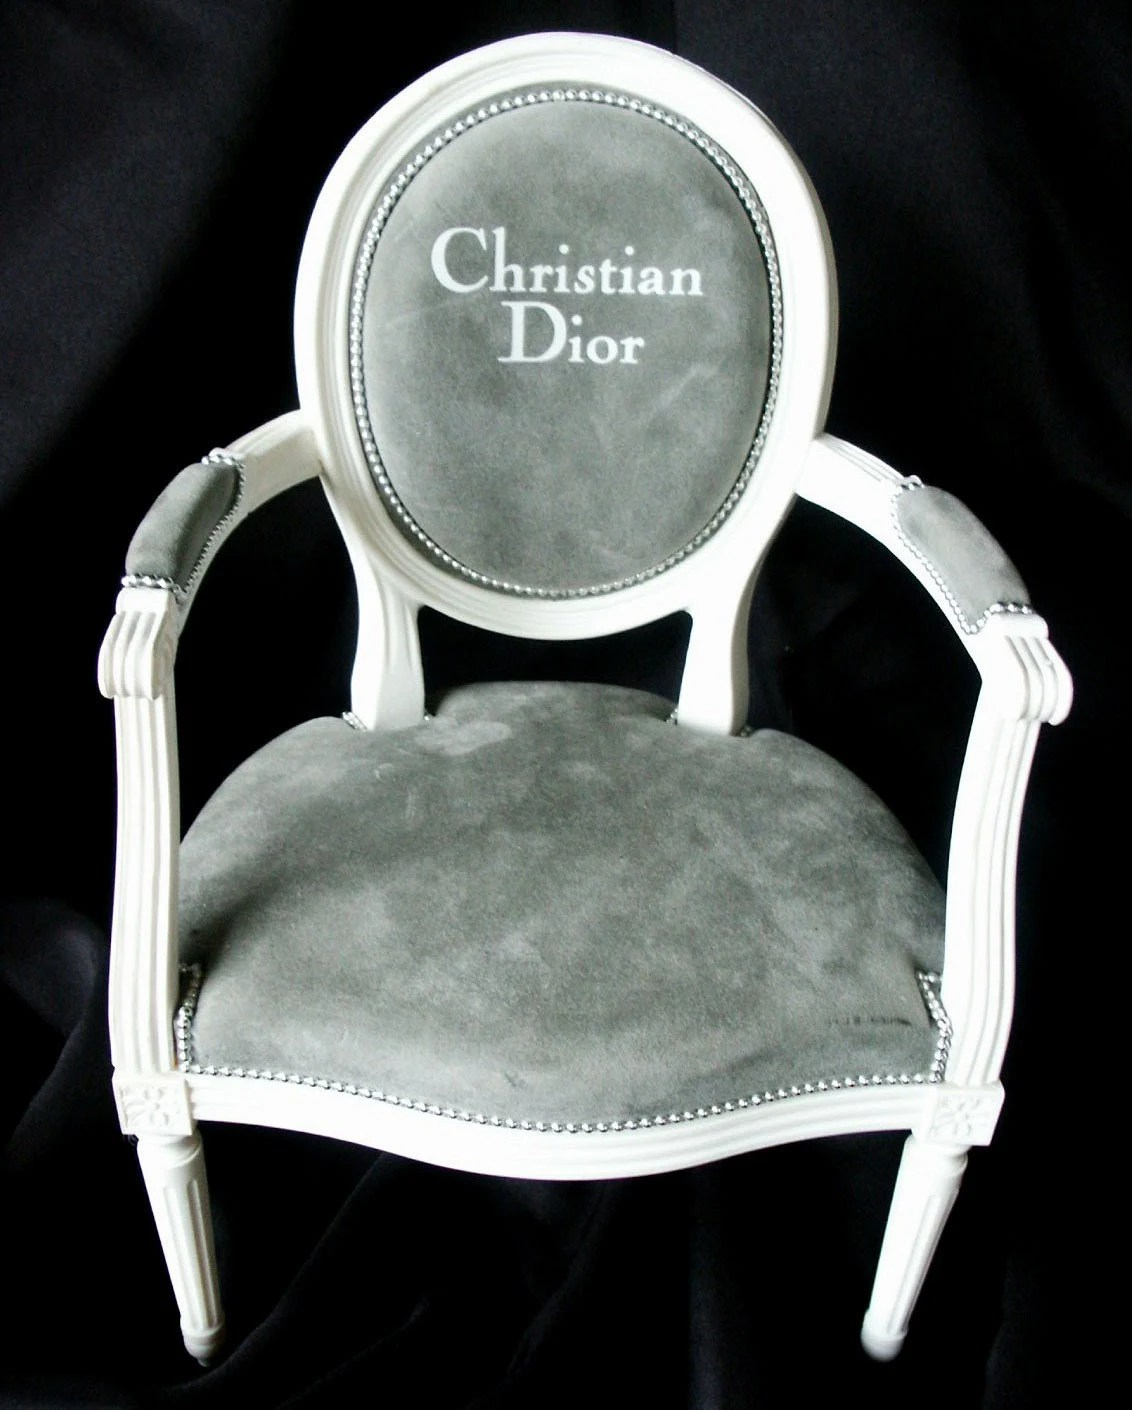 louis ghost chair beach wheelchair xvi christian dior doll vintage advertising